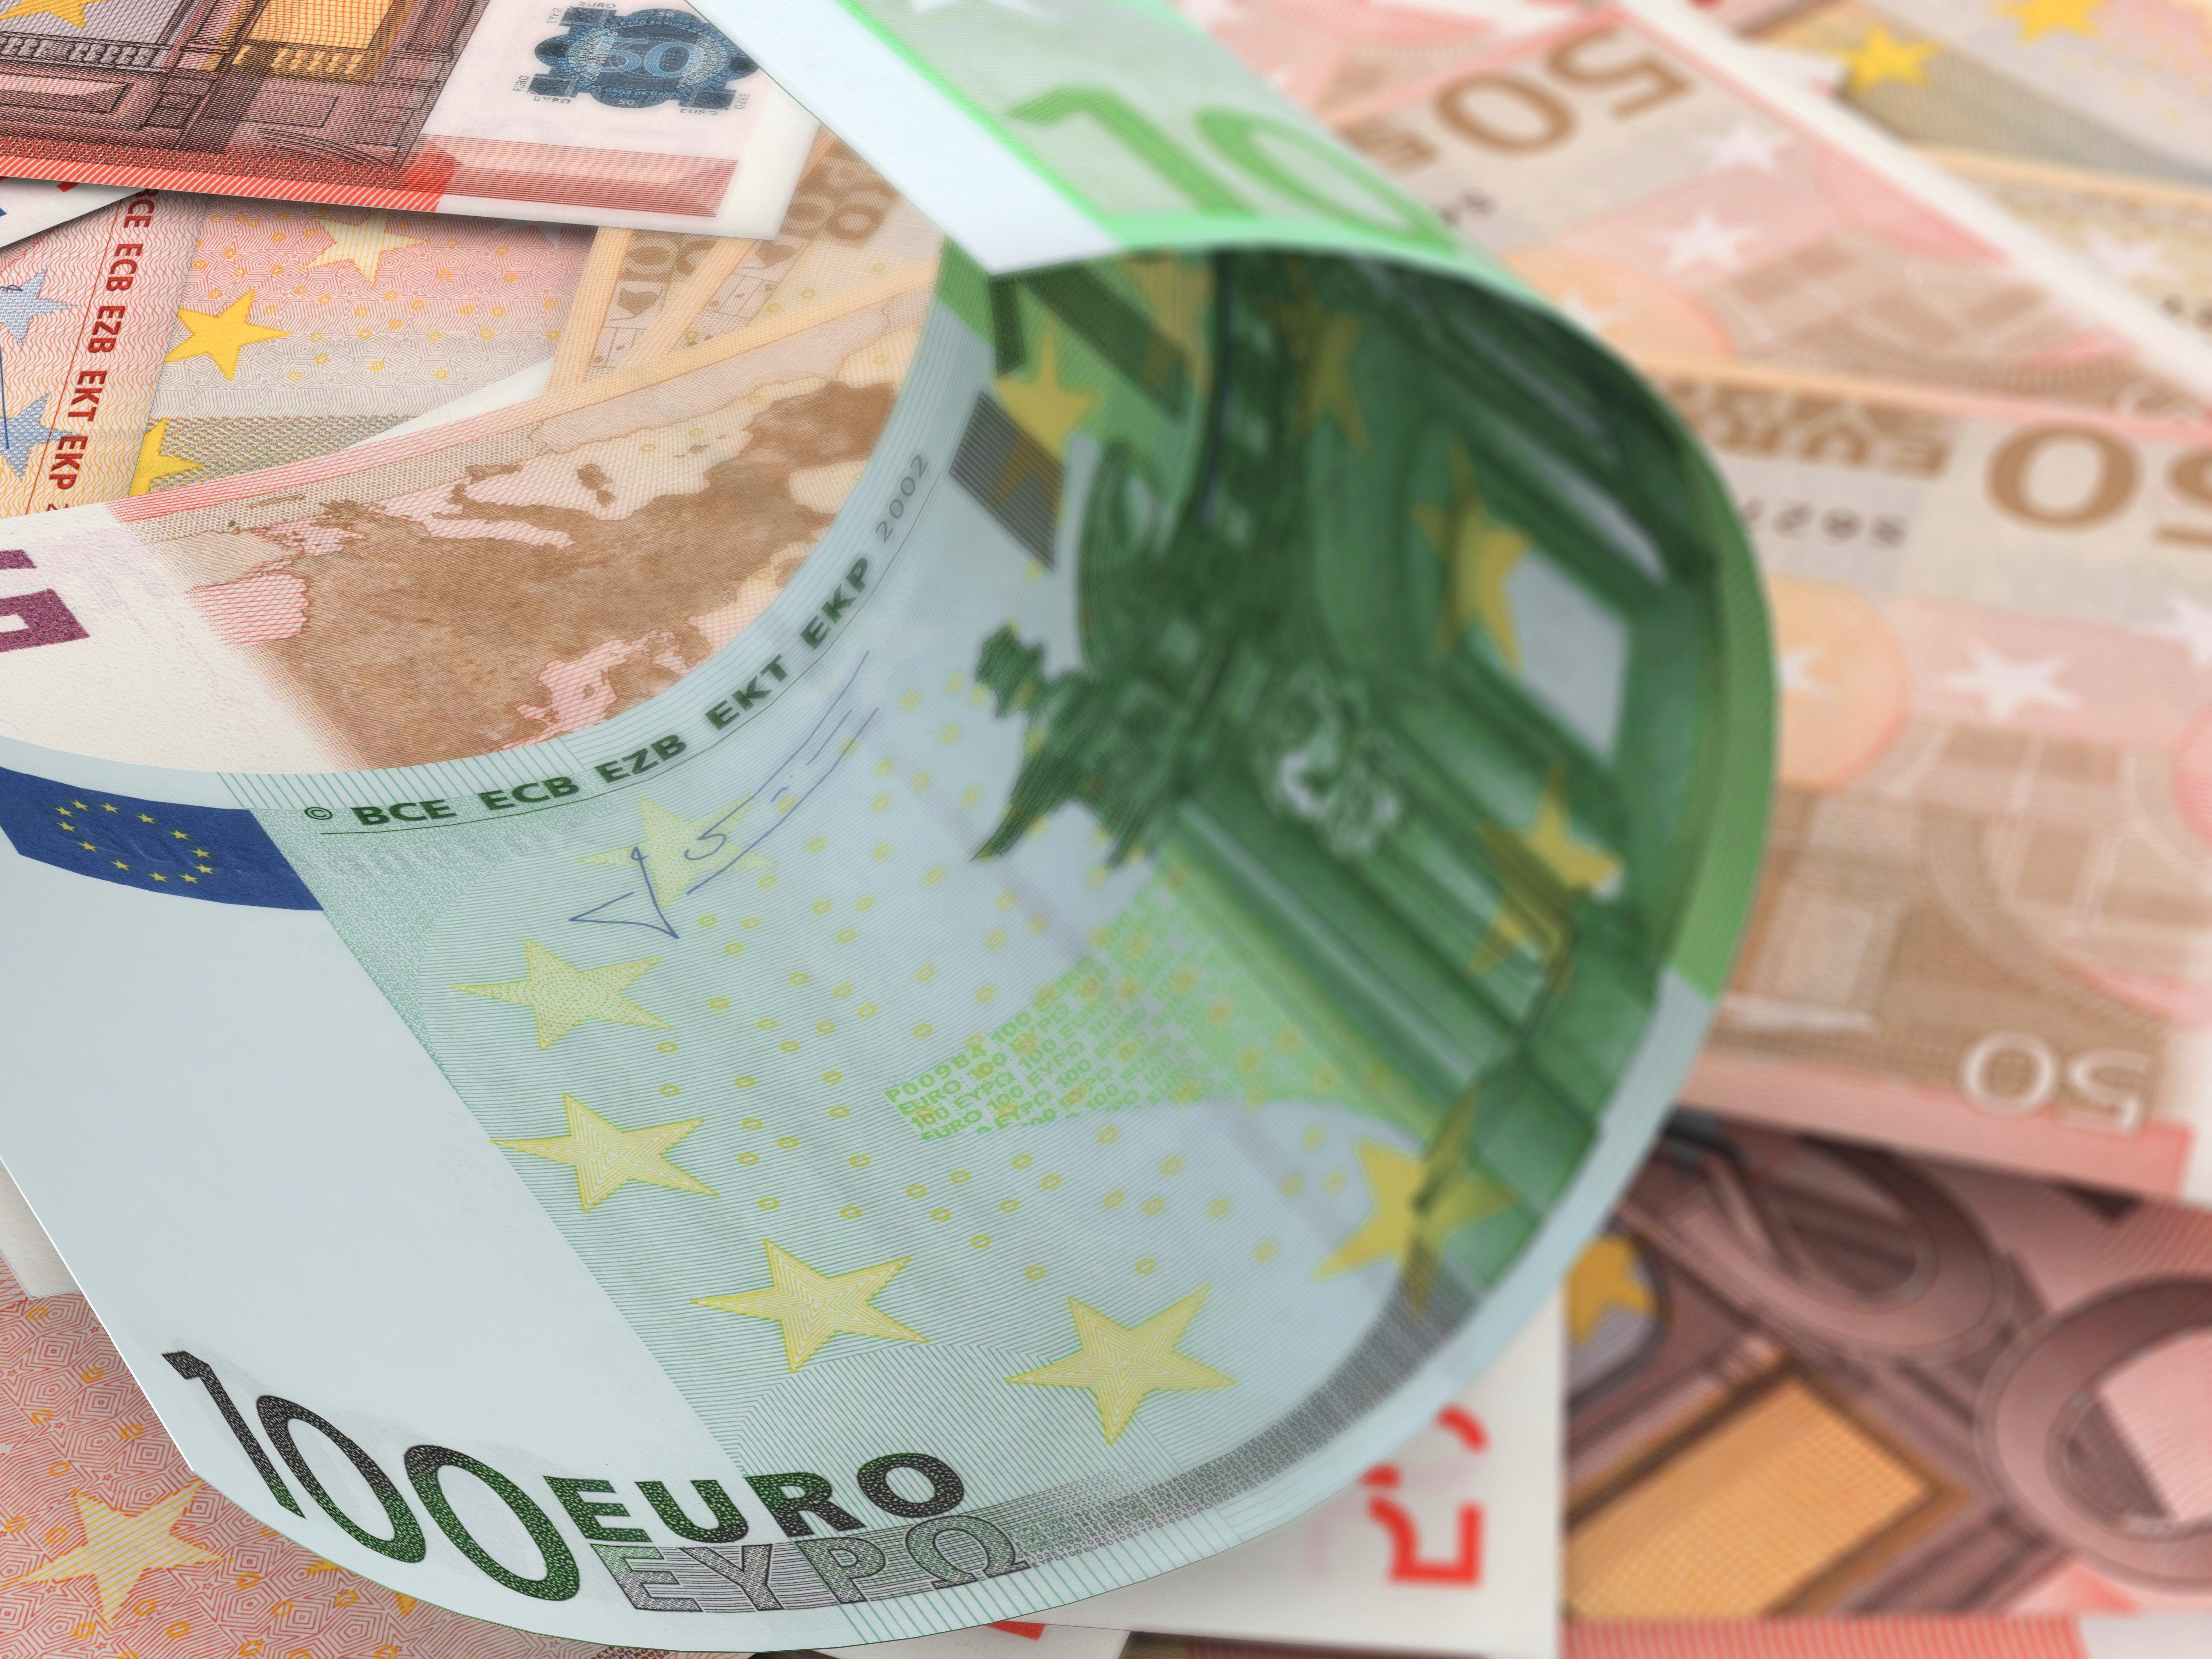 Έρευνα: Η Ελβετία «μητέρα όλων των φορολογικών